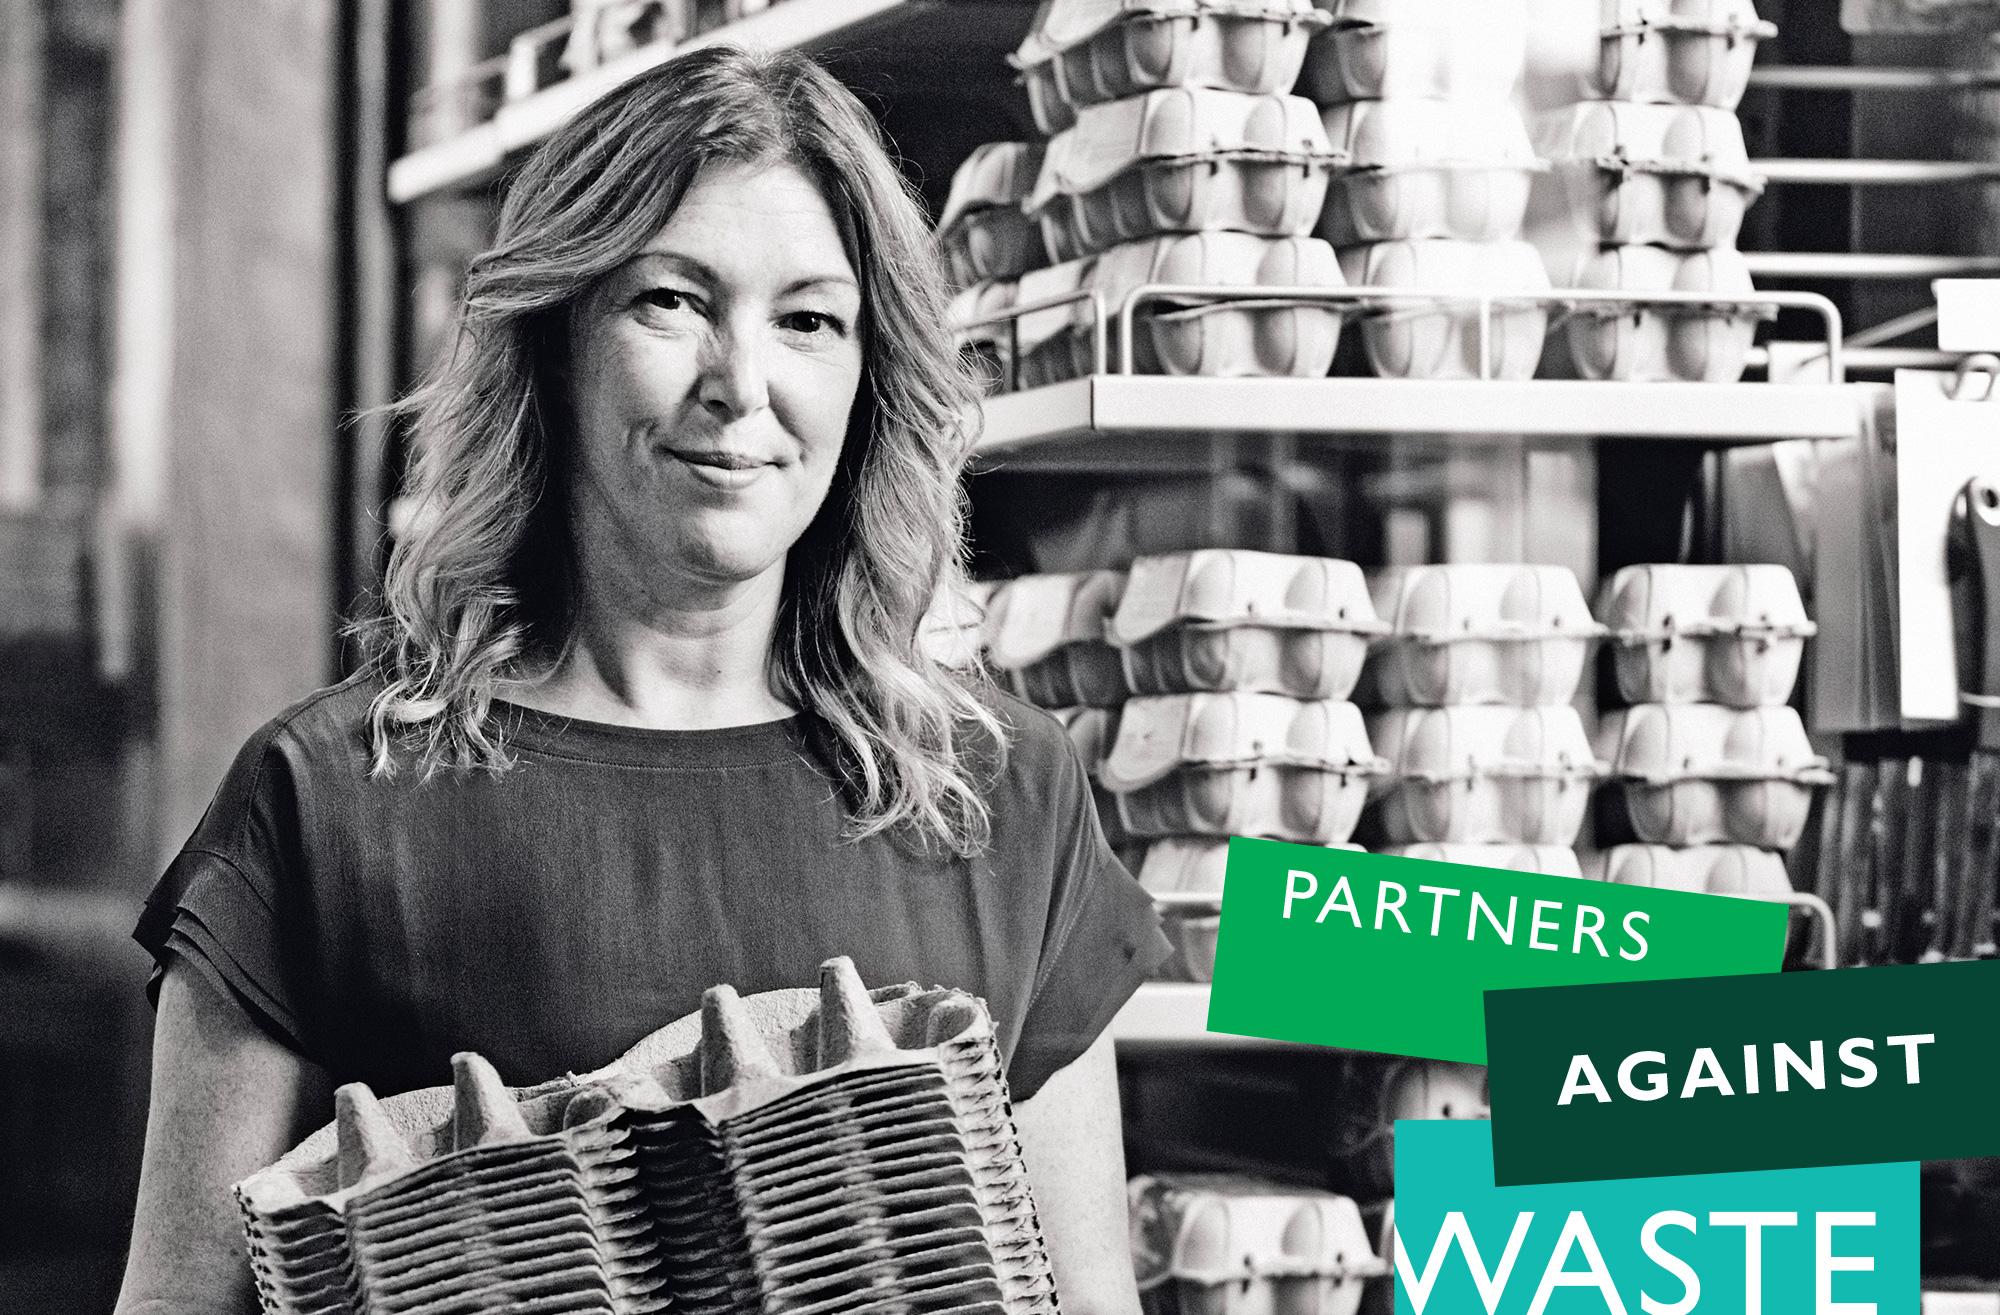 image of Karen Graley a Partner Against Waste